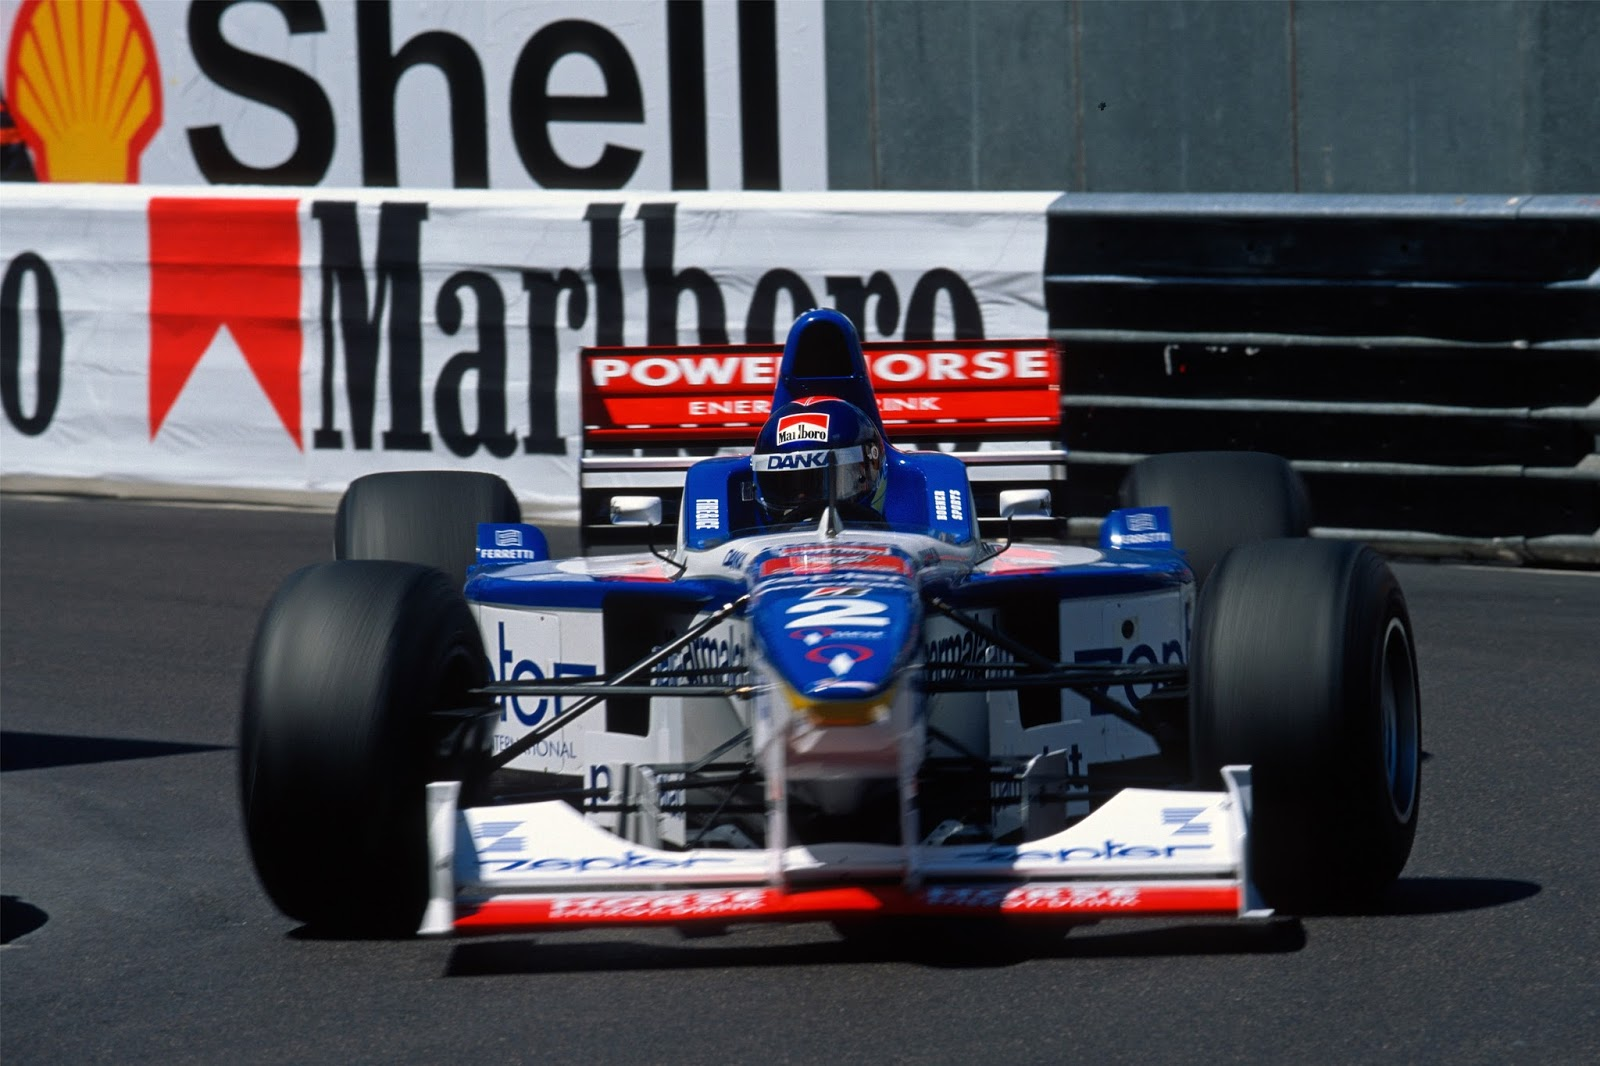 Re: Temporada 1997 de Fórmula 1